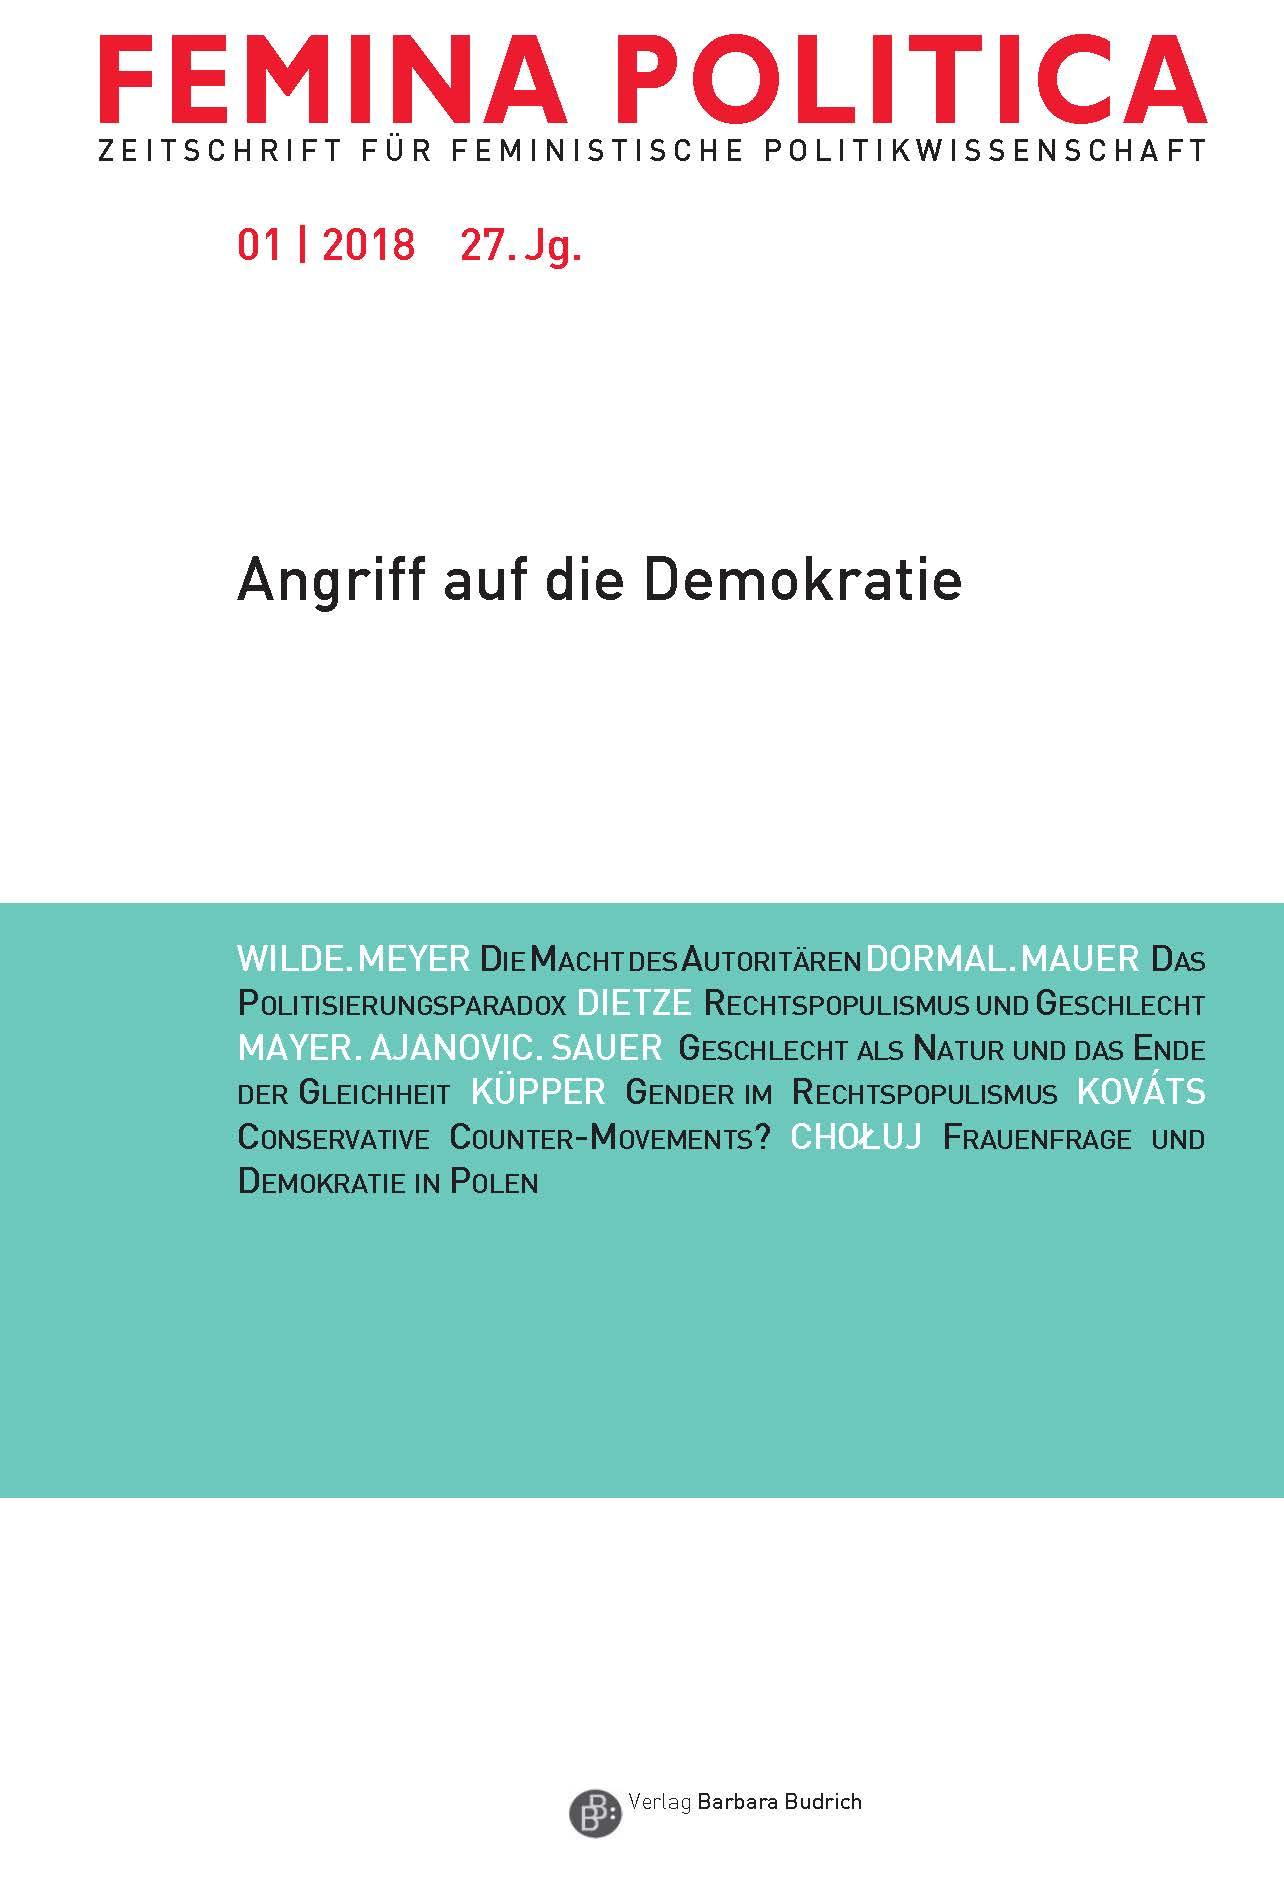 Femina Politica 1-2018 | Angriff auf die Demokratie